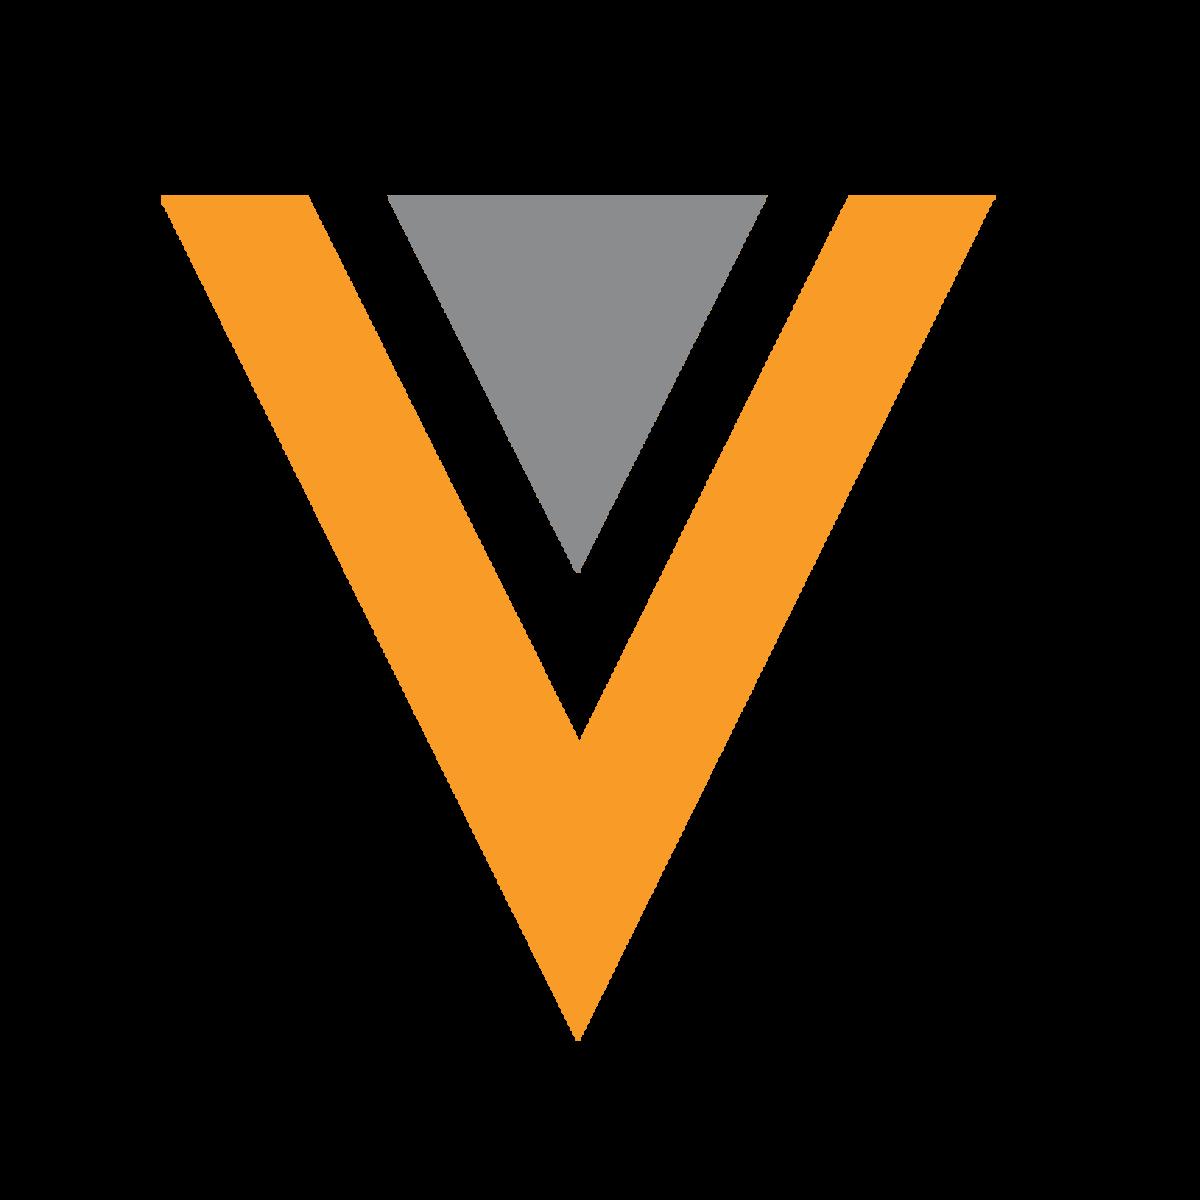 Veeva Systems.